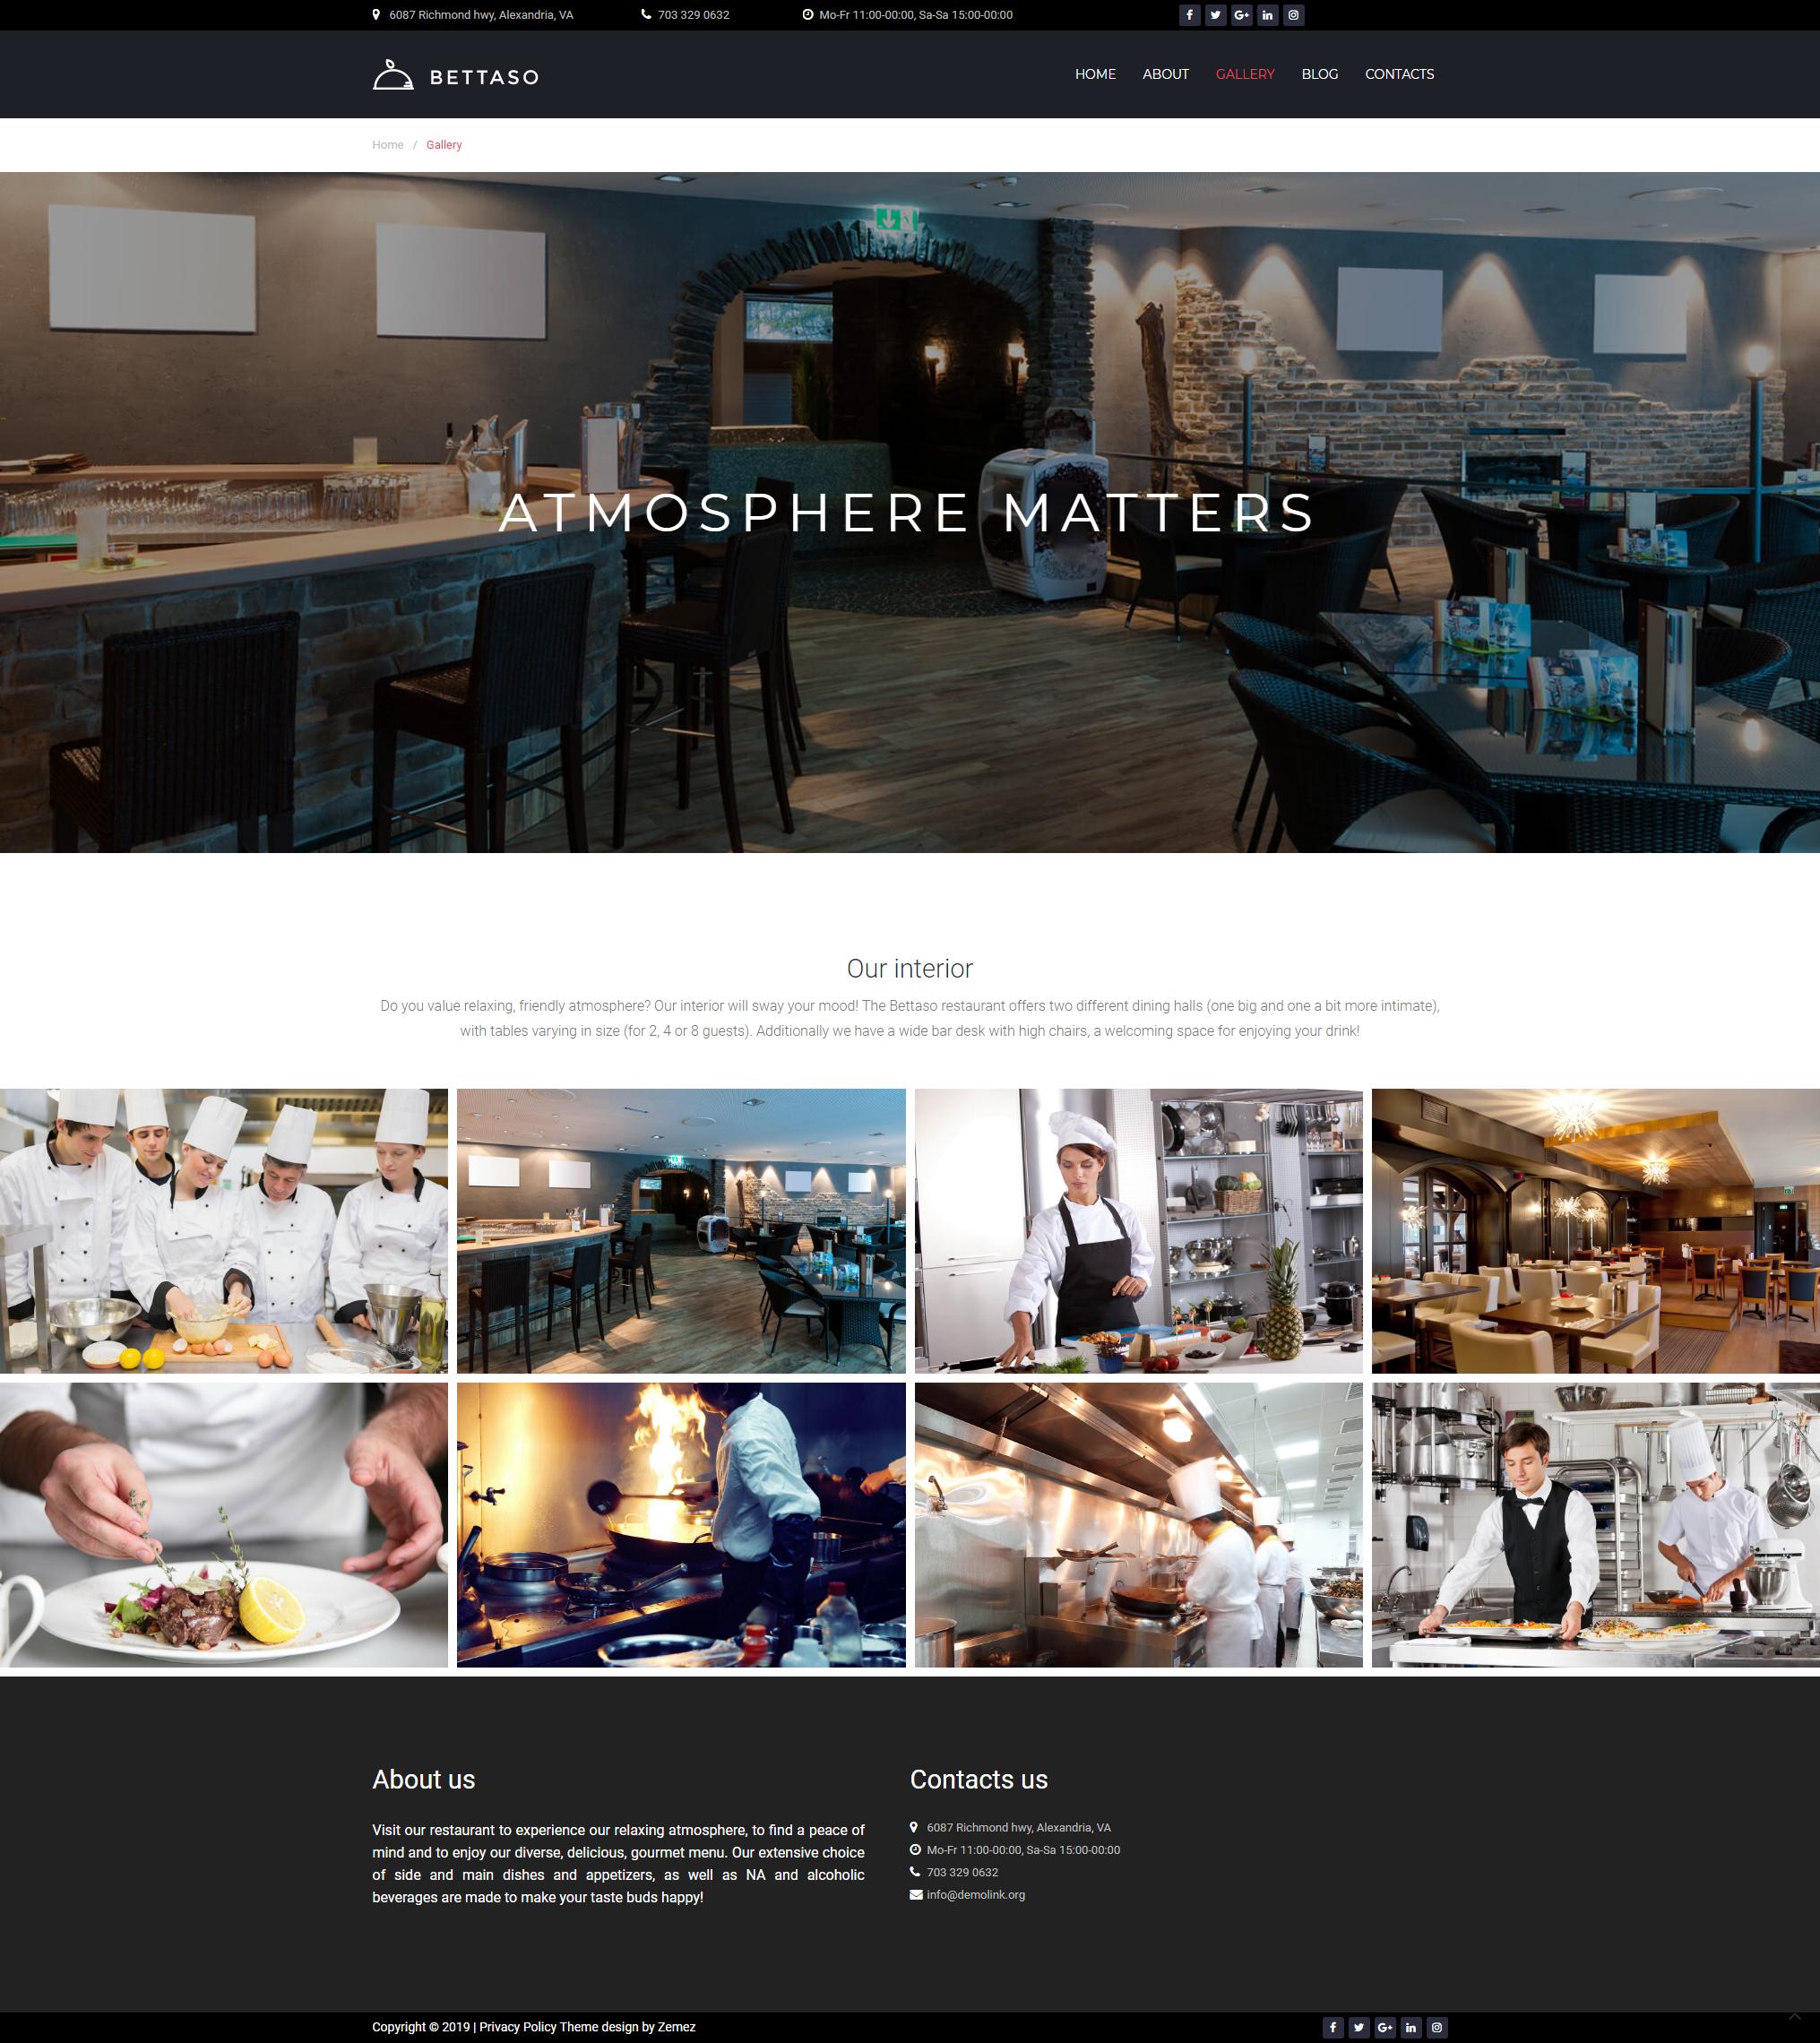 Gallery - Best Restaurant Theme WordPress